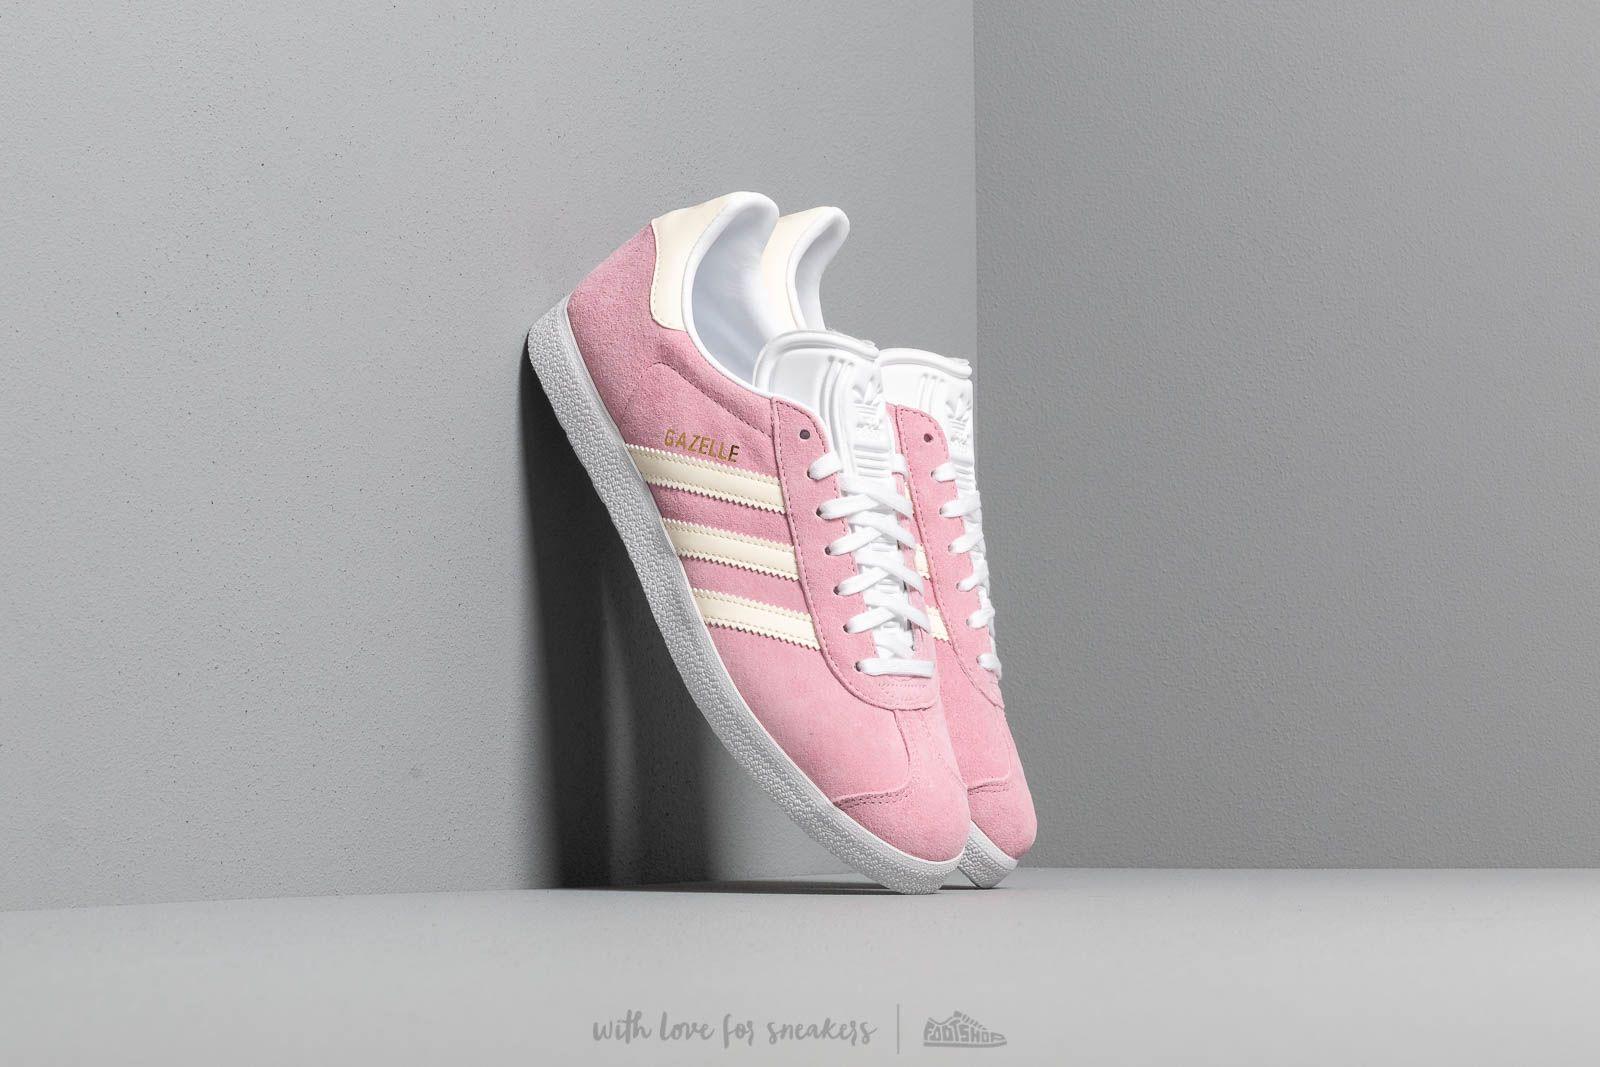 adidas Gazelle W True Pink/ Ecru Tint/ Ftw White at a great price 87 € bestell bei Footshop